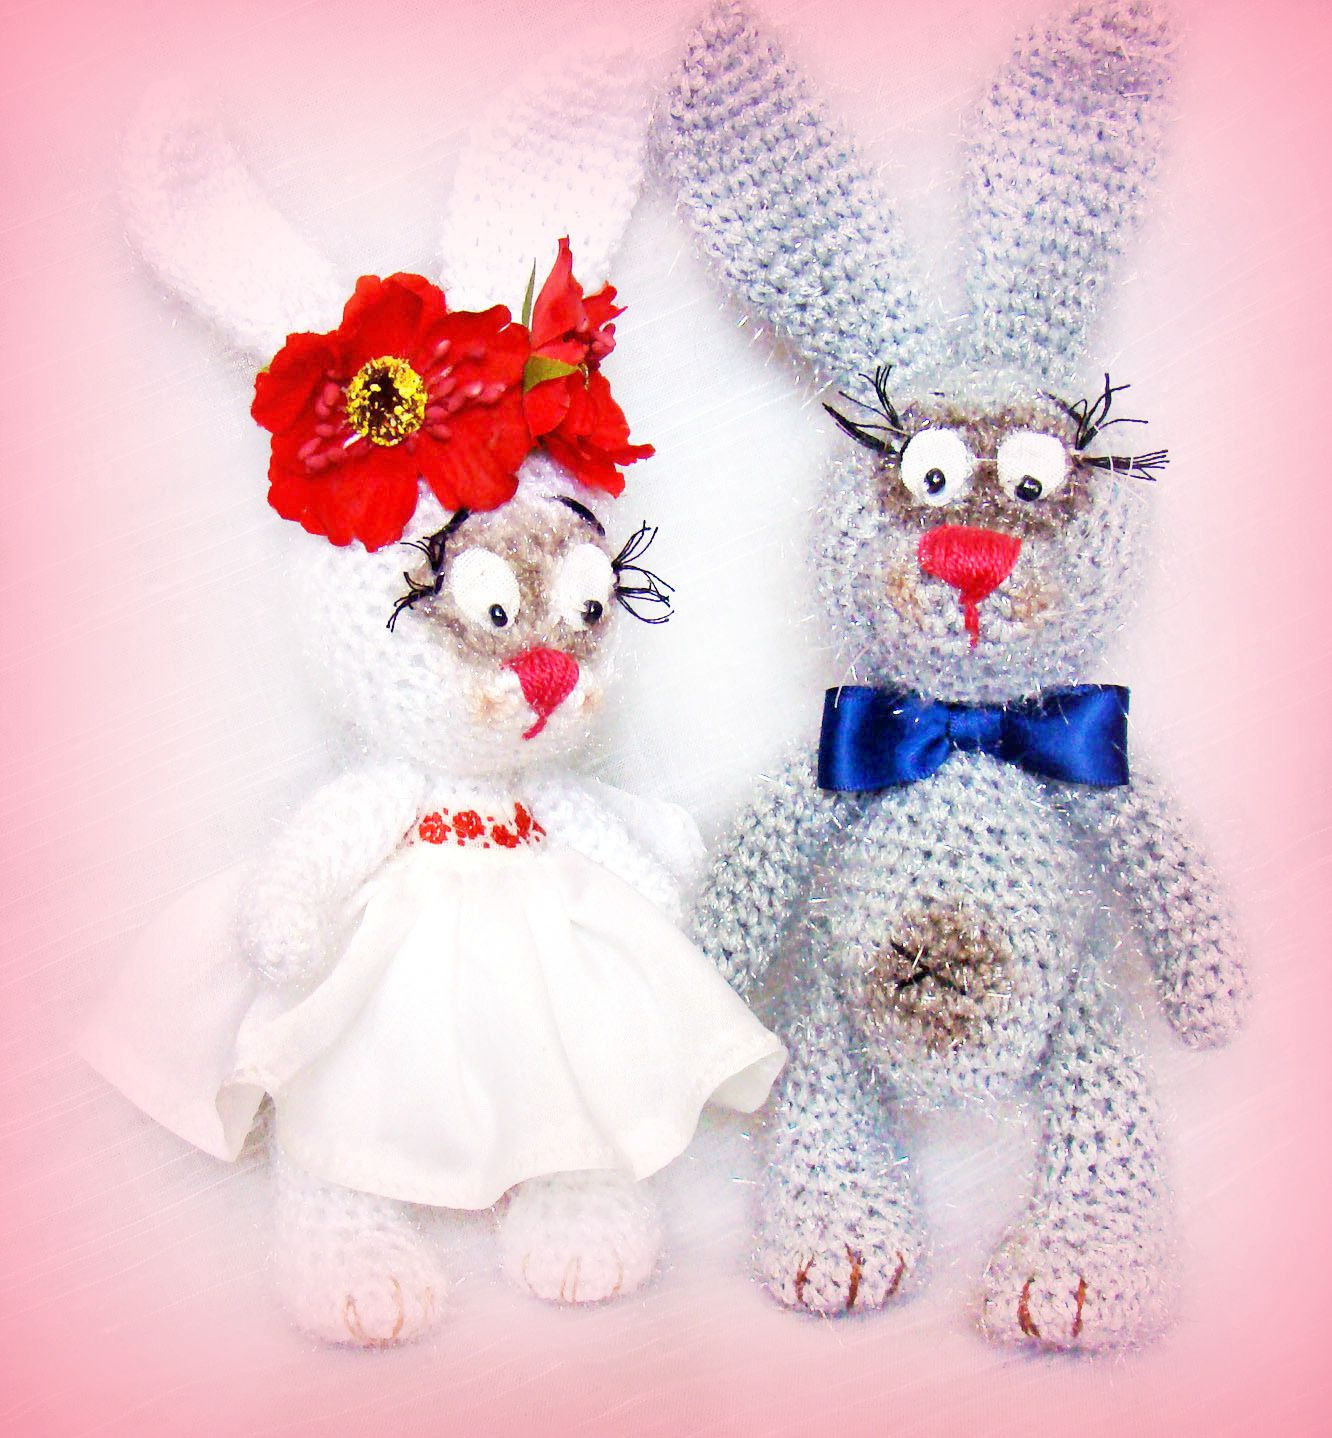 оригинальный подарок работы ручной вязаная мягкая для ребенка декор амигуруми дома игрушка интерьерная